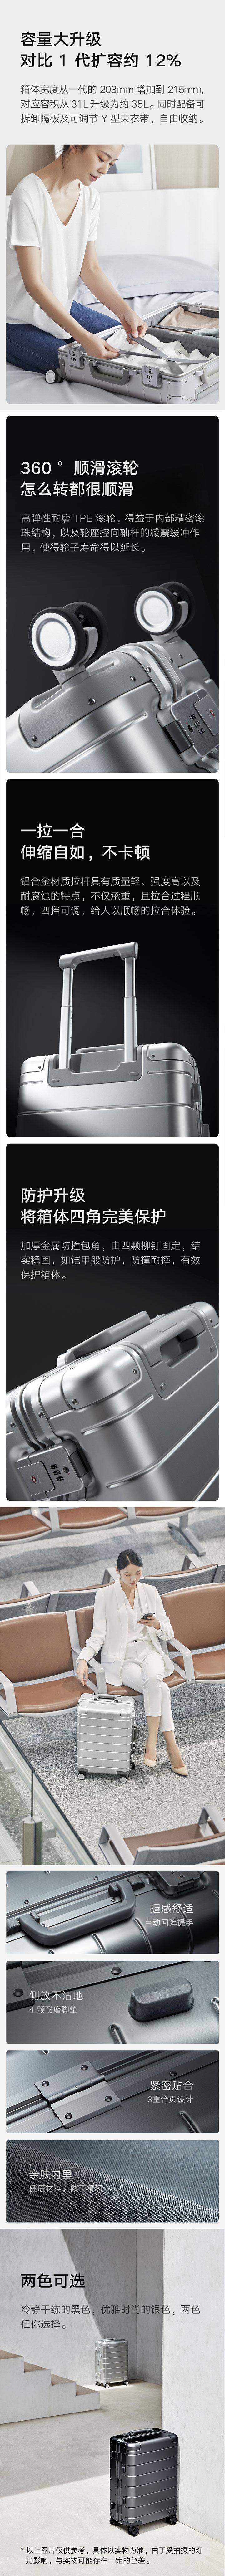 小米金属旅行箱2 免费试用,评测